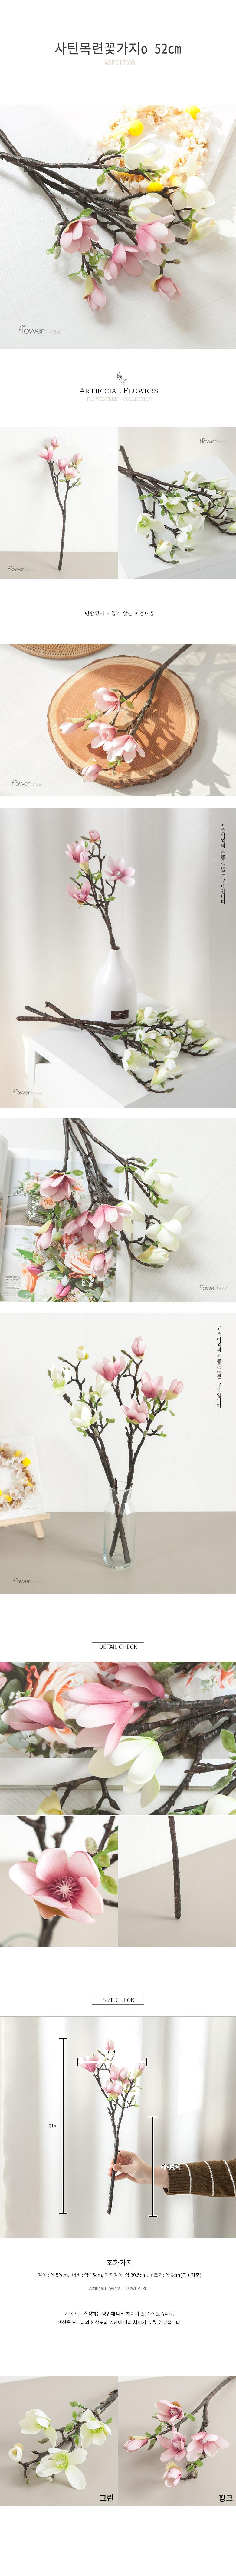 사틴목련꽃가지 52cm [조화] - 플라워트리, 10,200원, 조화, 카네이션(조화)